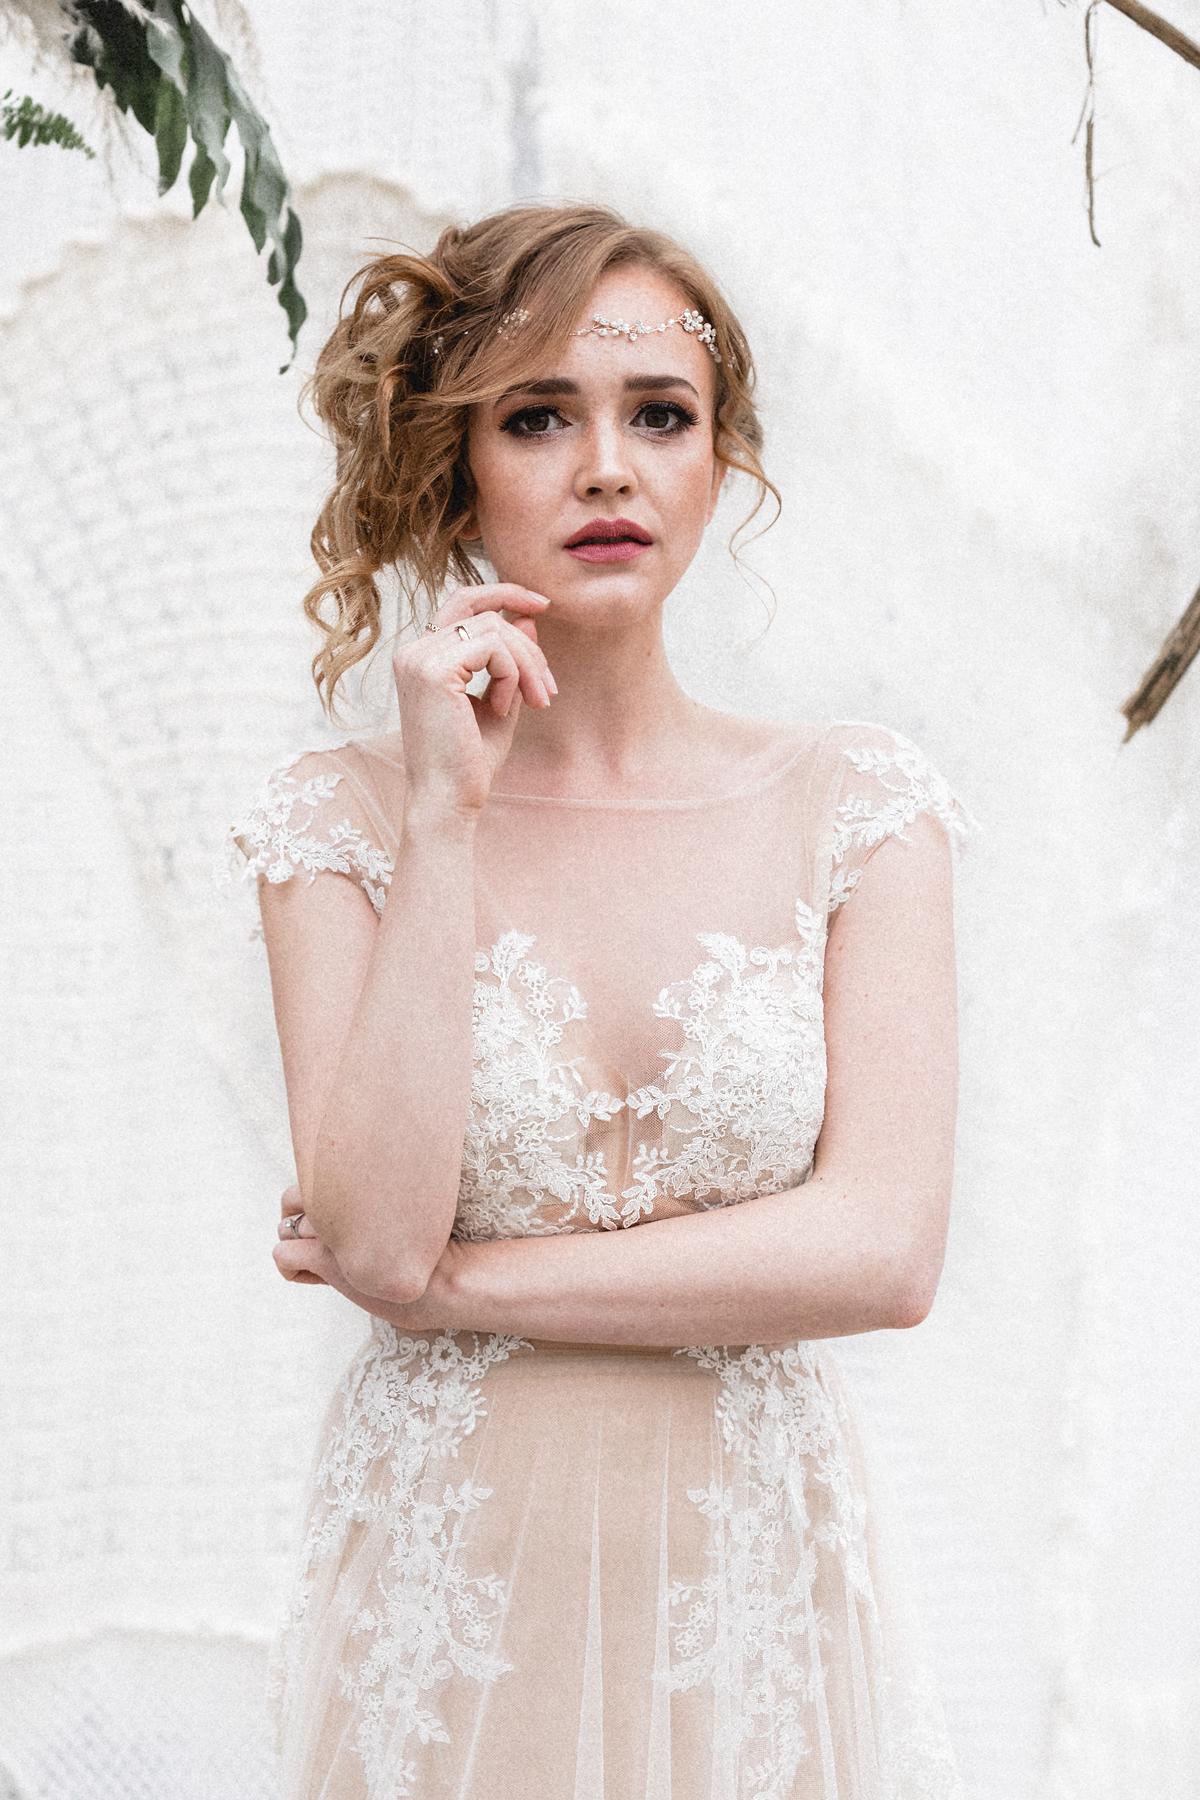 Andreas_Nusch_Hochzeitsfotografie_Brautshooting_2017_JA-Hochzeitsshop_0142